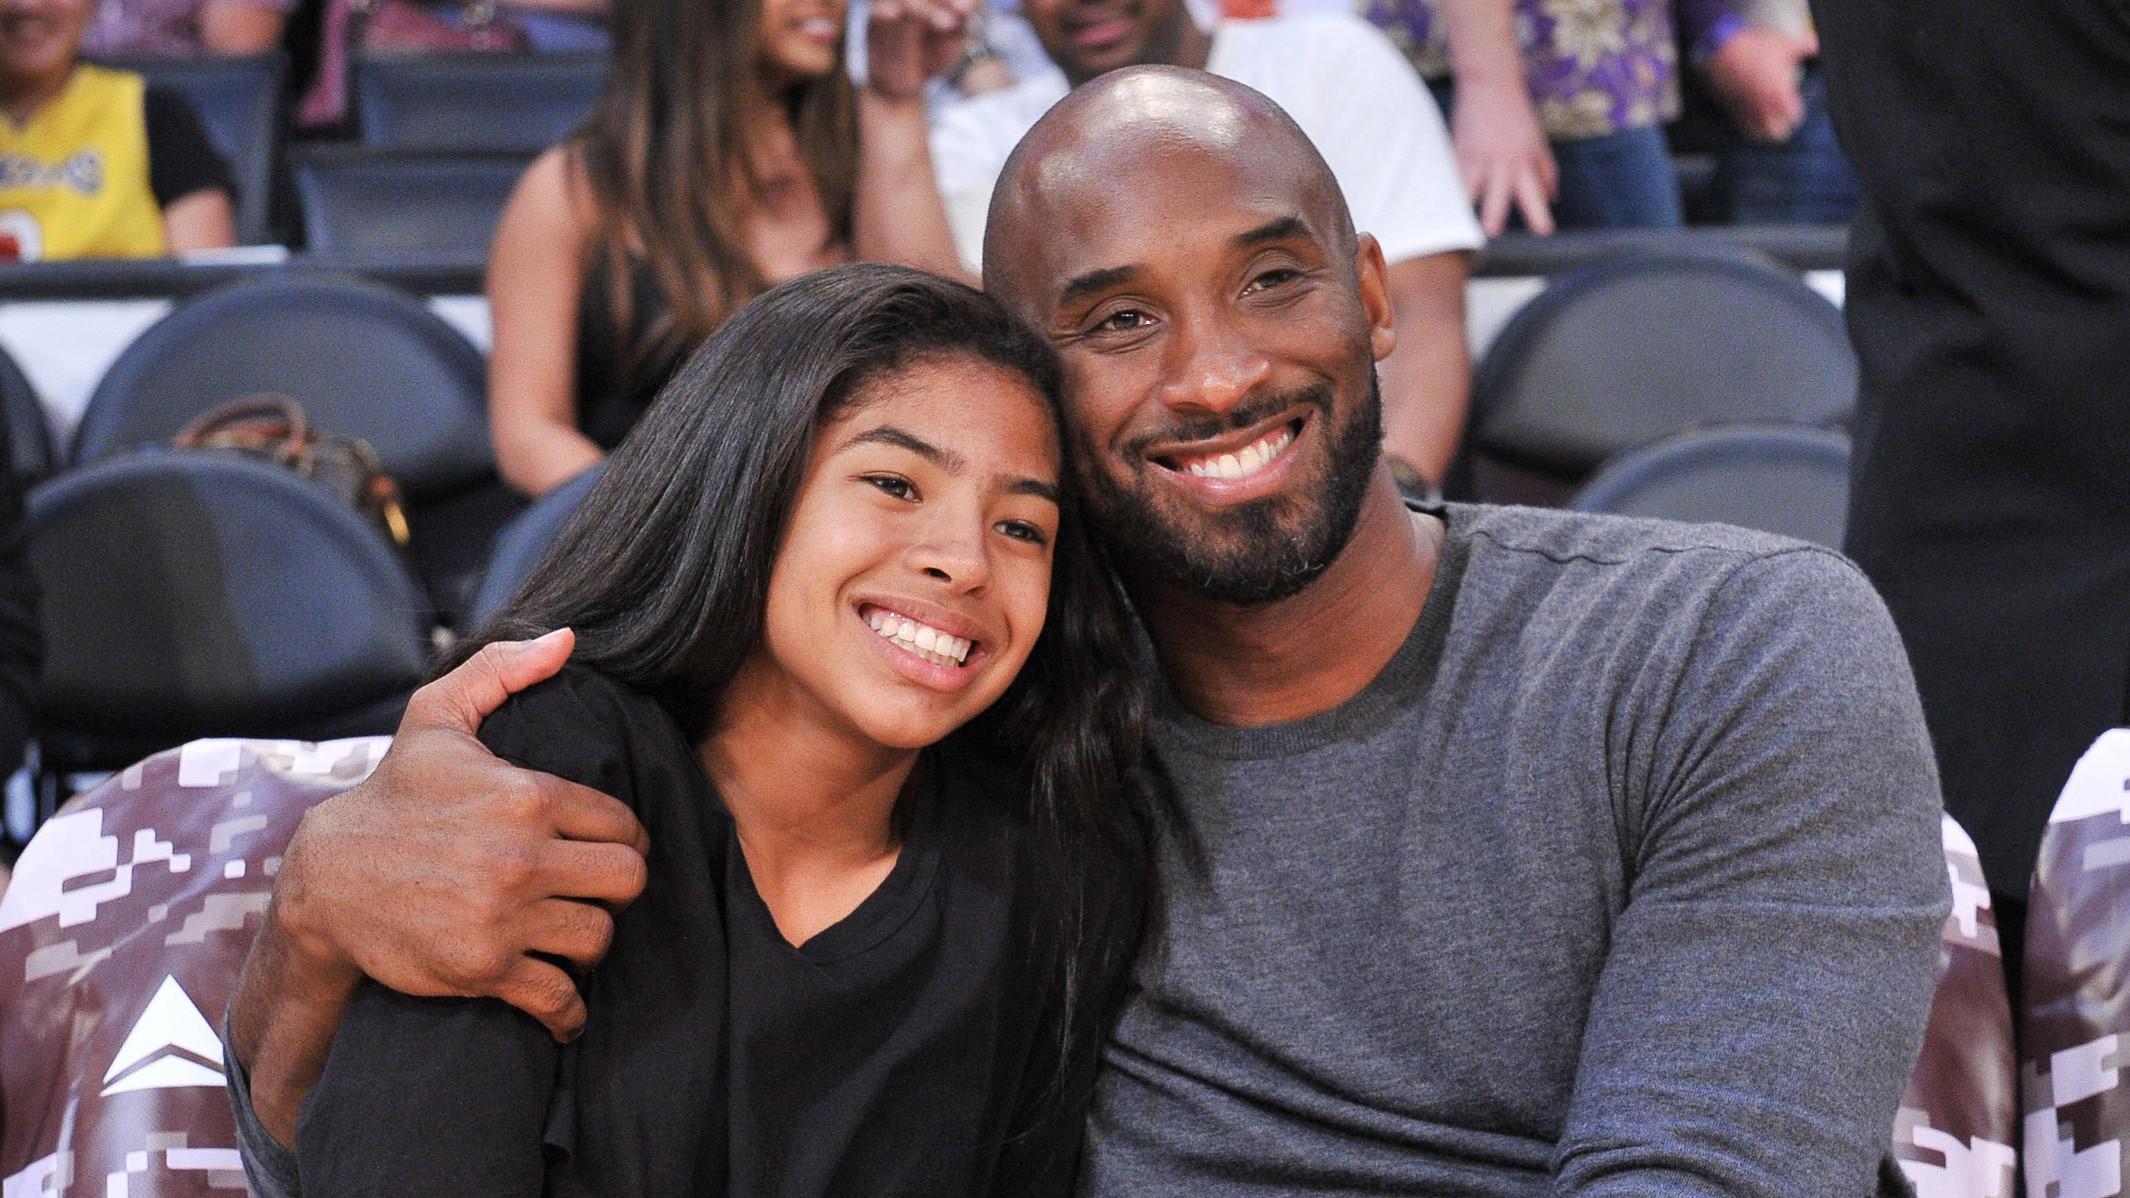 Información sobre el homenaje a Kobe y Gianna Bryant en el Staples Center 2